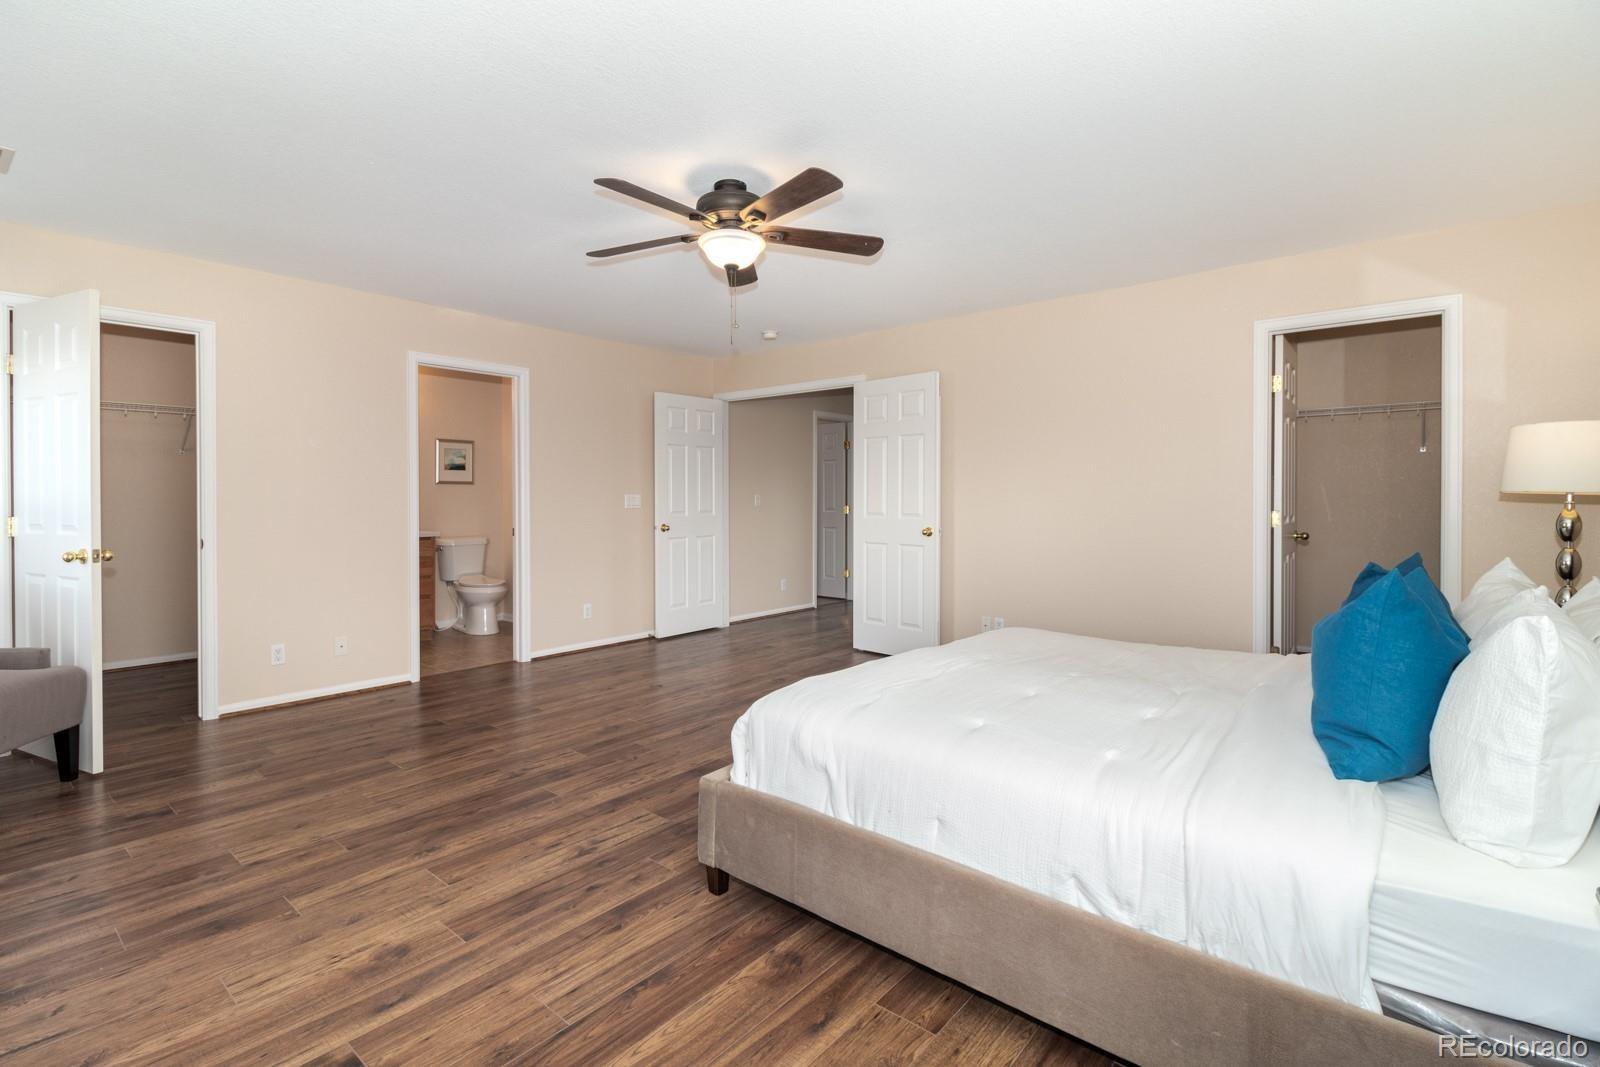 MLS# 9263654 - 13 - 6045 Turnstone Place, Castle Rock, CO 80104